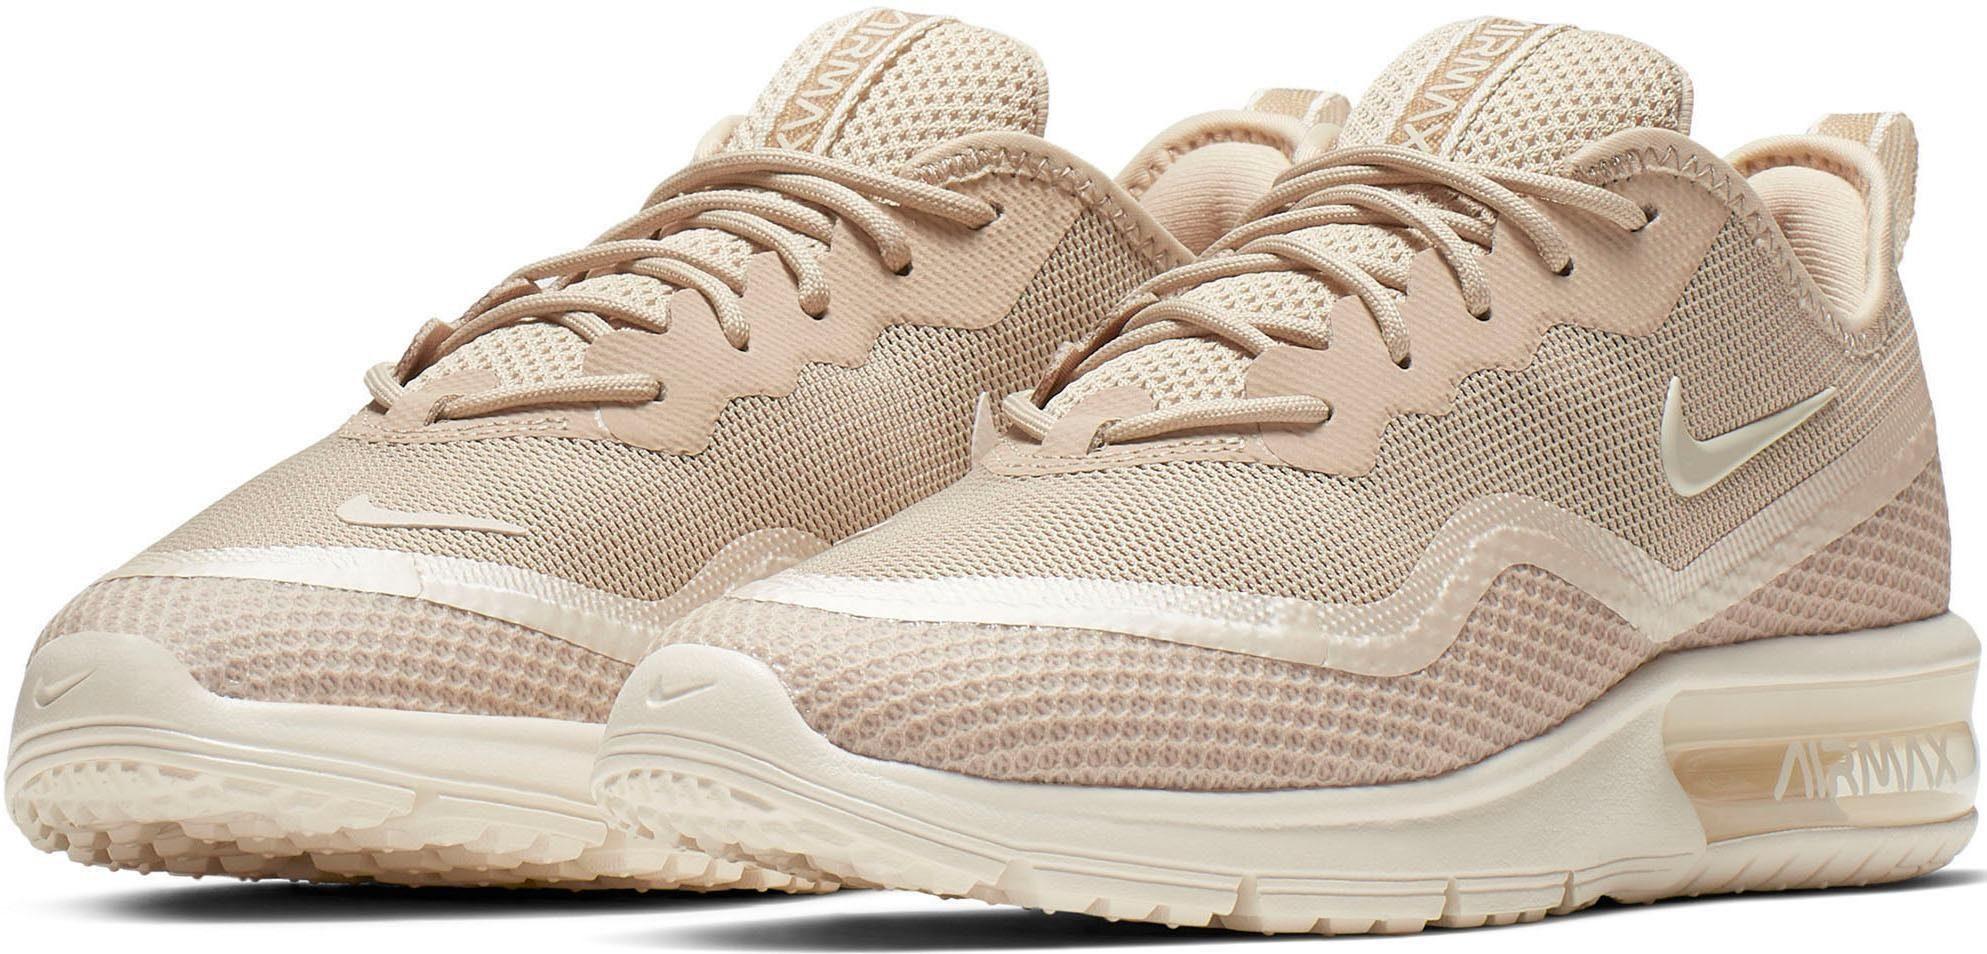 Nike Sportswear »Wmns Air Max Sequent 4.5 SE« Sneaker online kaufen | OTTO